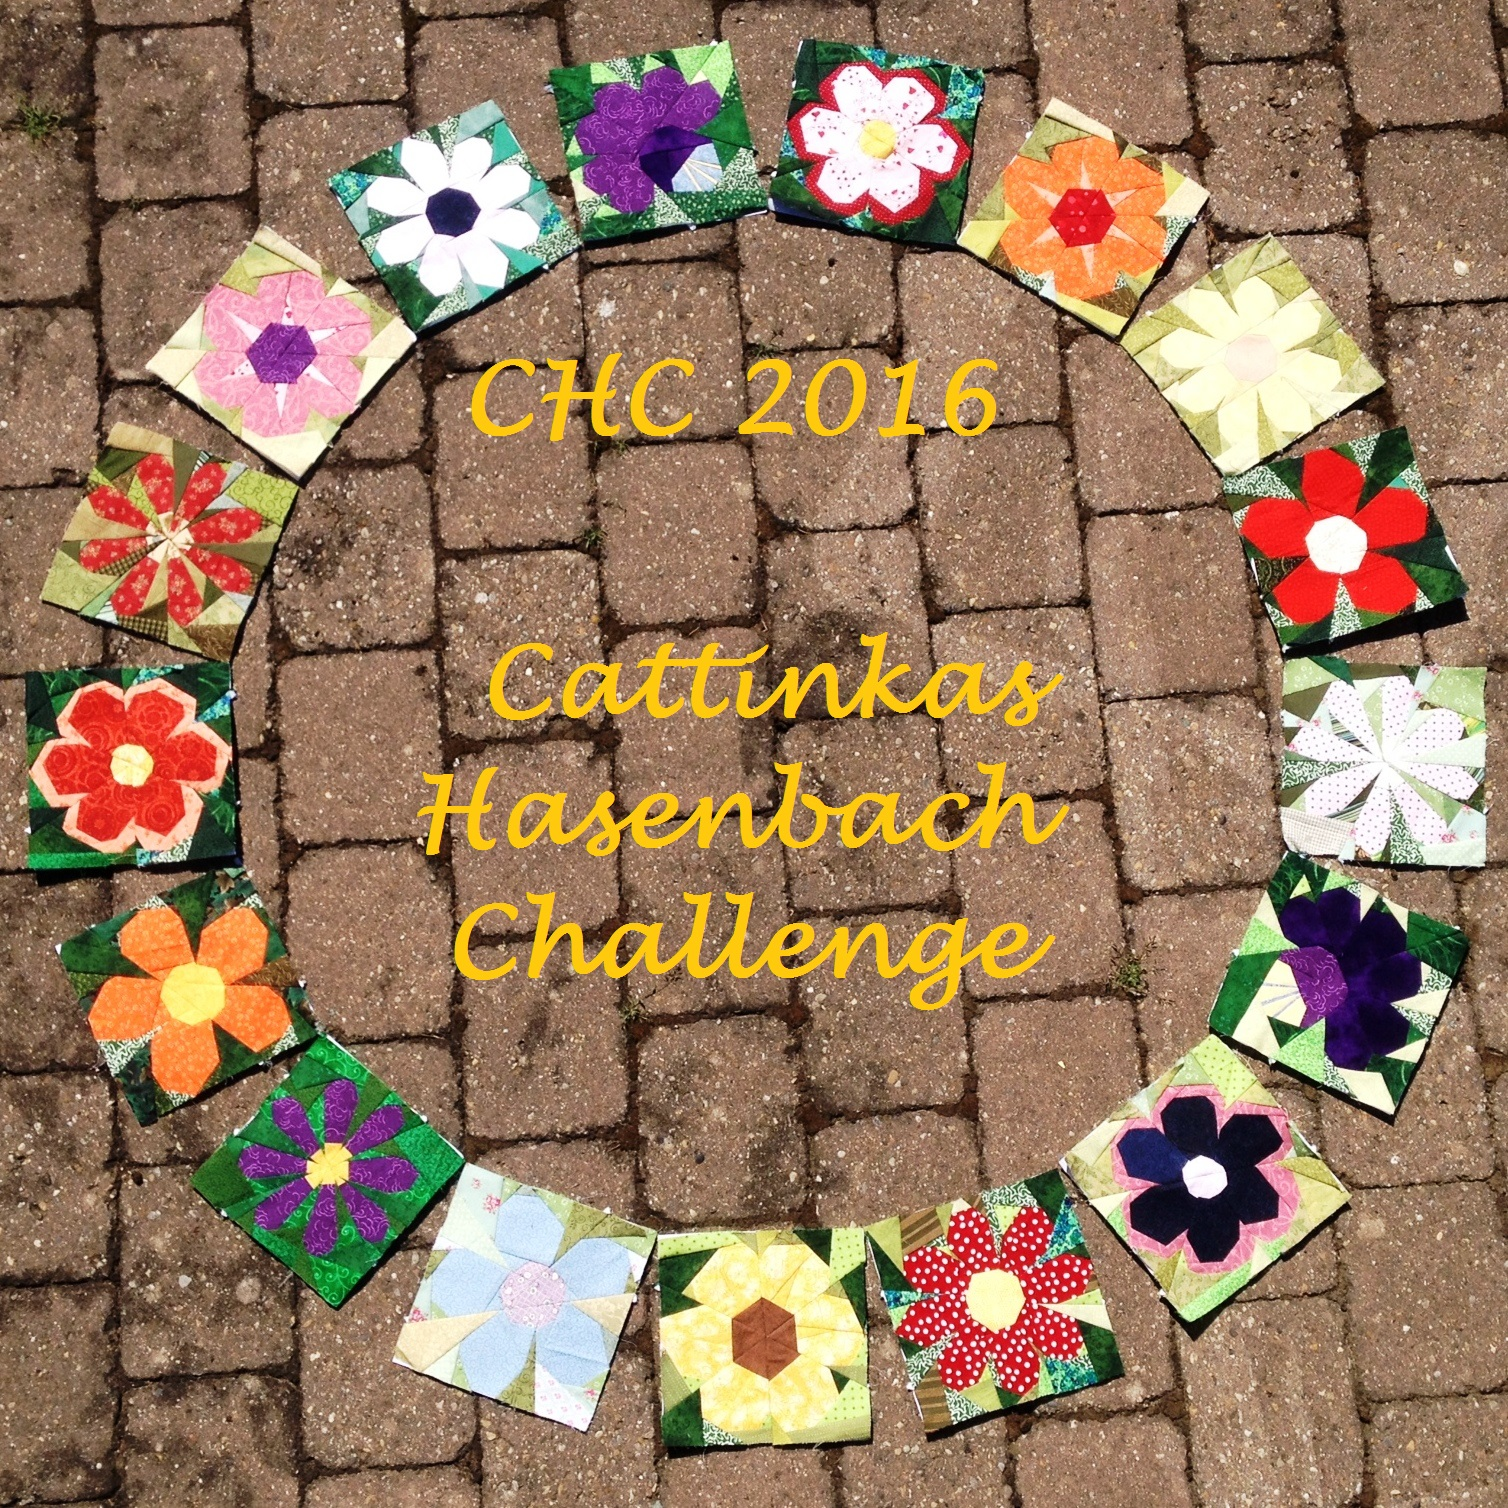 Hasenbach-Challenge